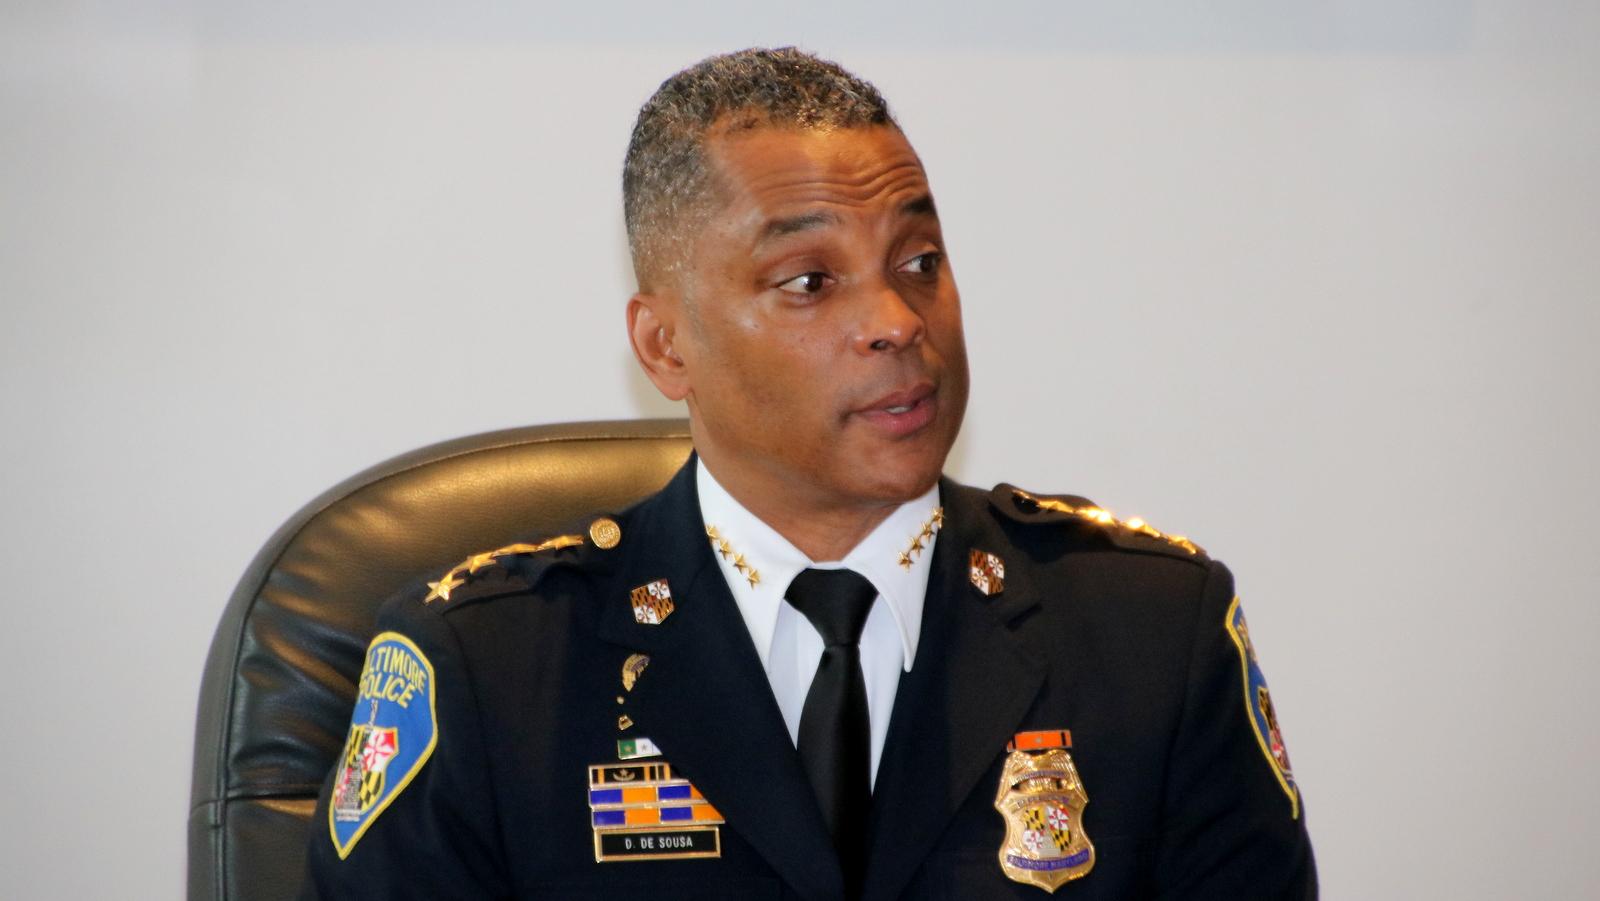 Commissioner Darryl De Sousa. (Fern Shen)